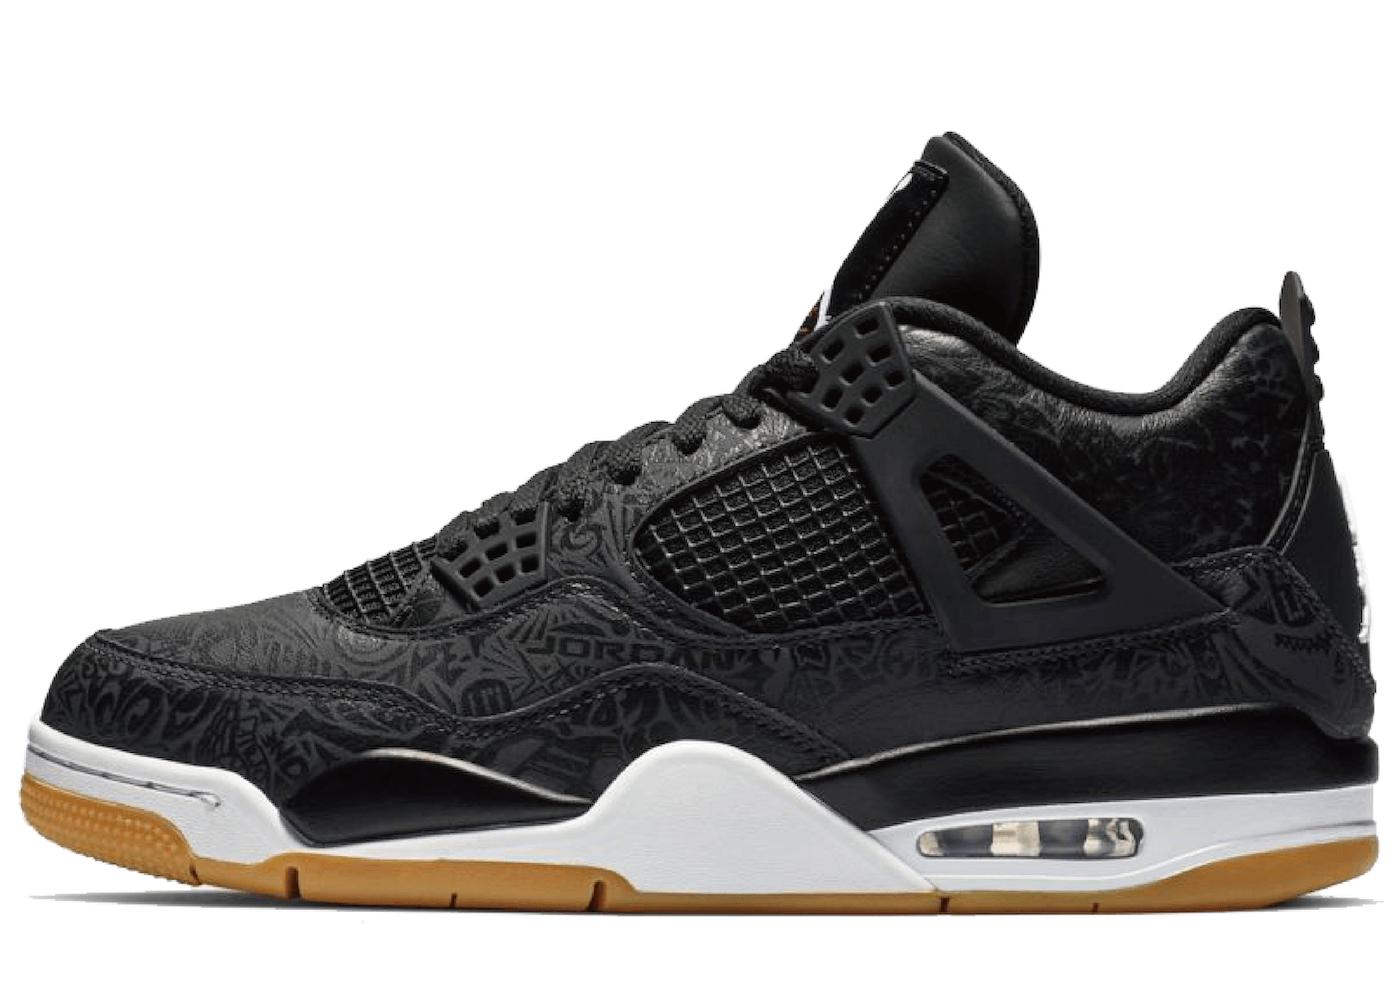 Nike Air Jordan 4 30th Anniversary Black Gumの写真